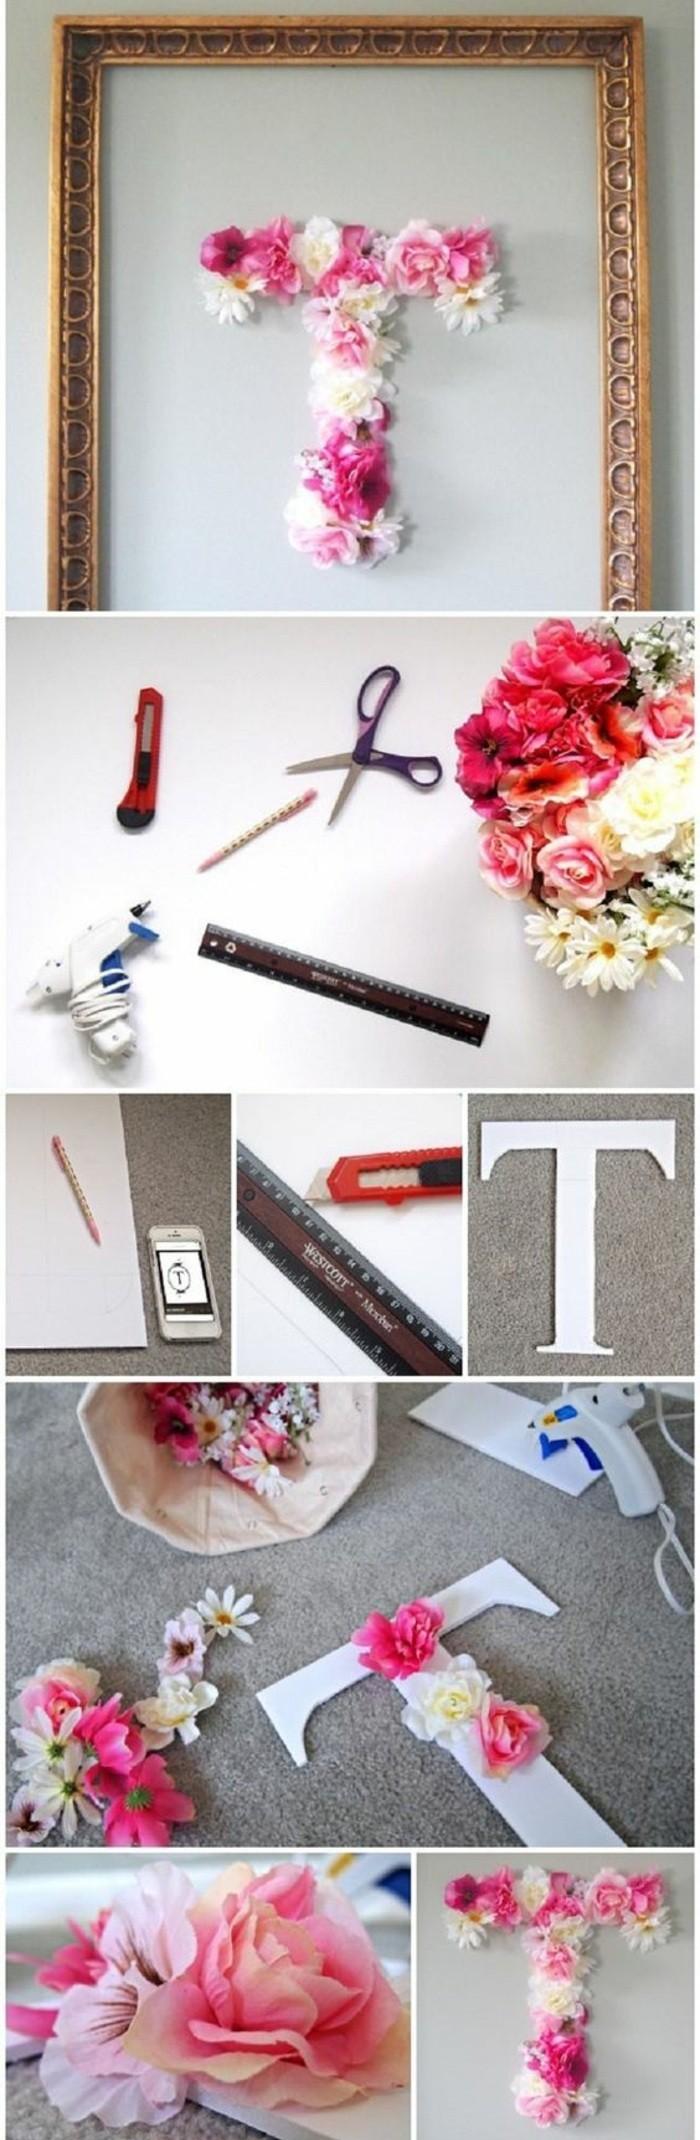 lettre décorative encadrée, décorée de fleurs, faire une déco diy avec modèle de papier et fleurs